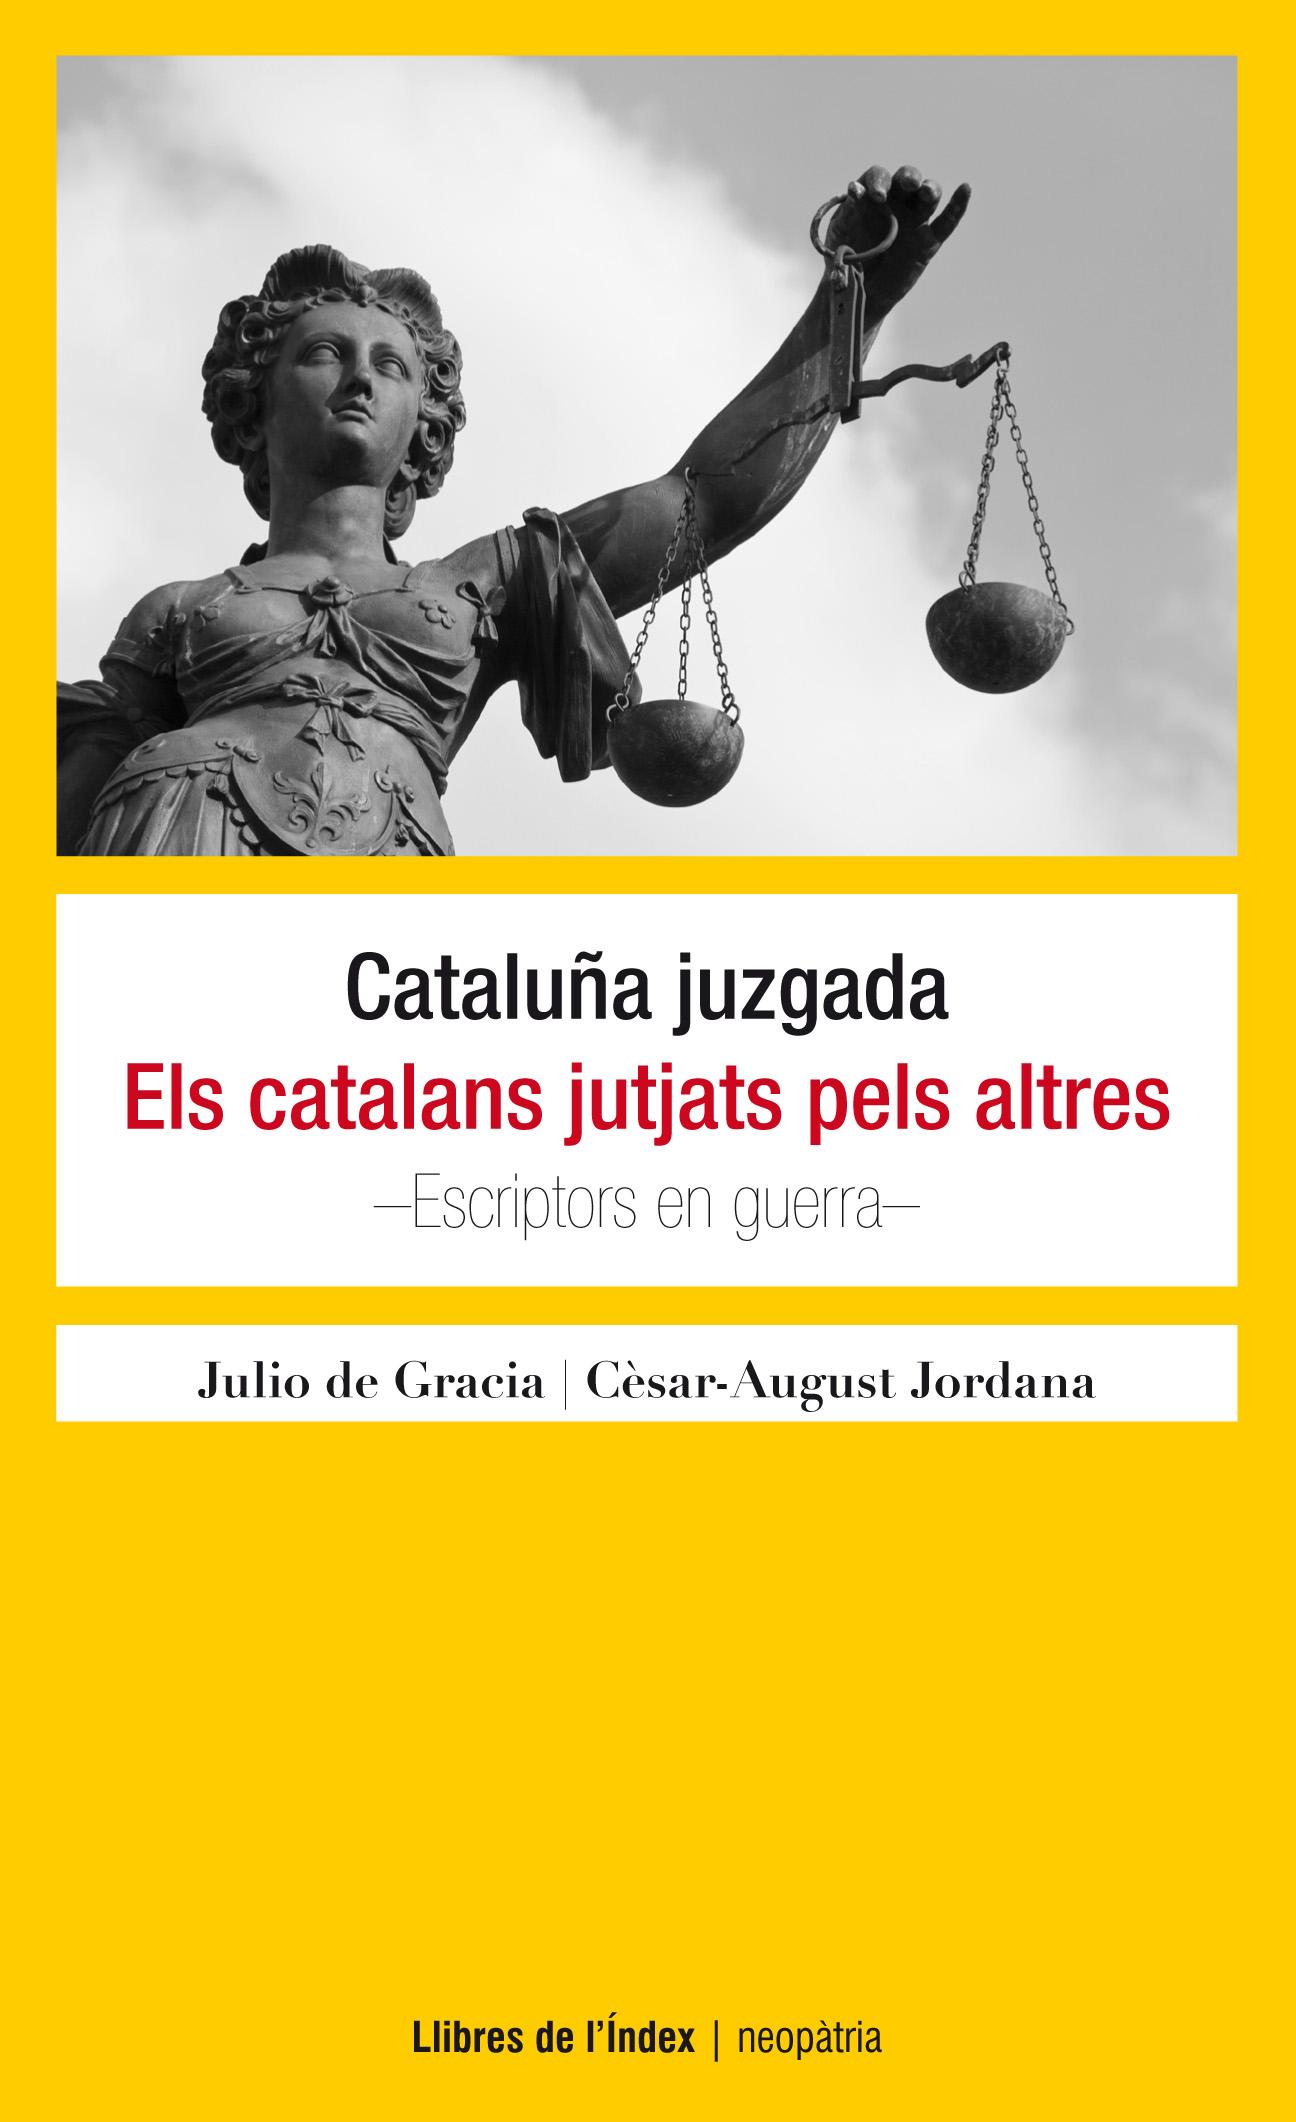 CATALUÑA JUZGADA : ELS CATALANS JUTJATS PELS ALTRES